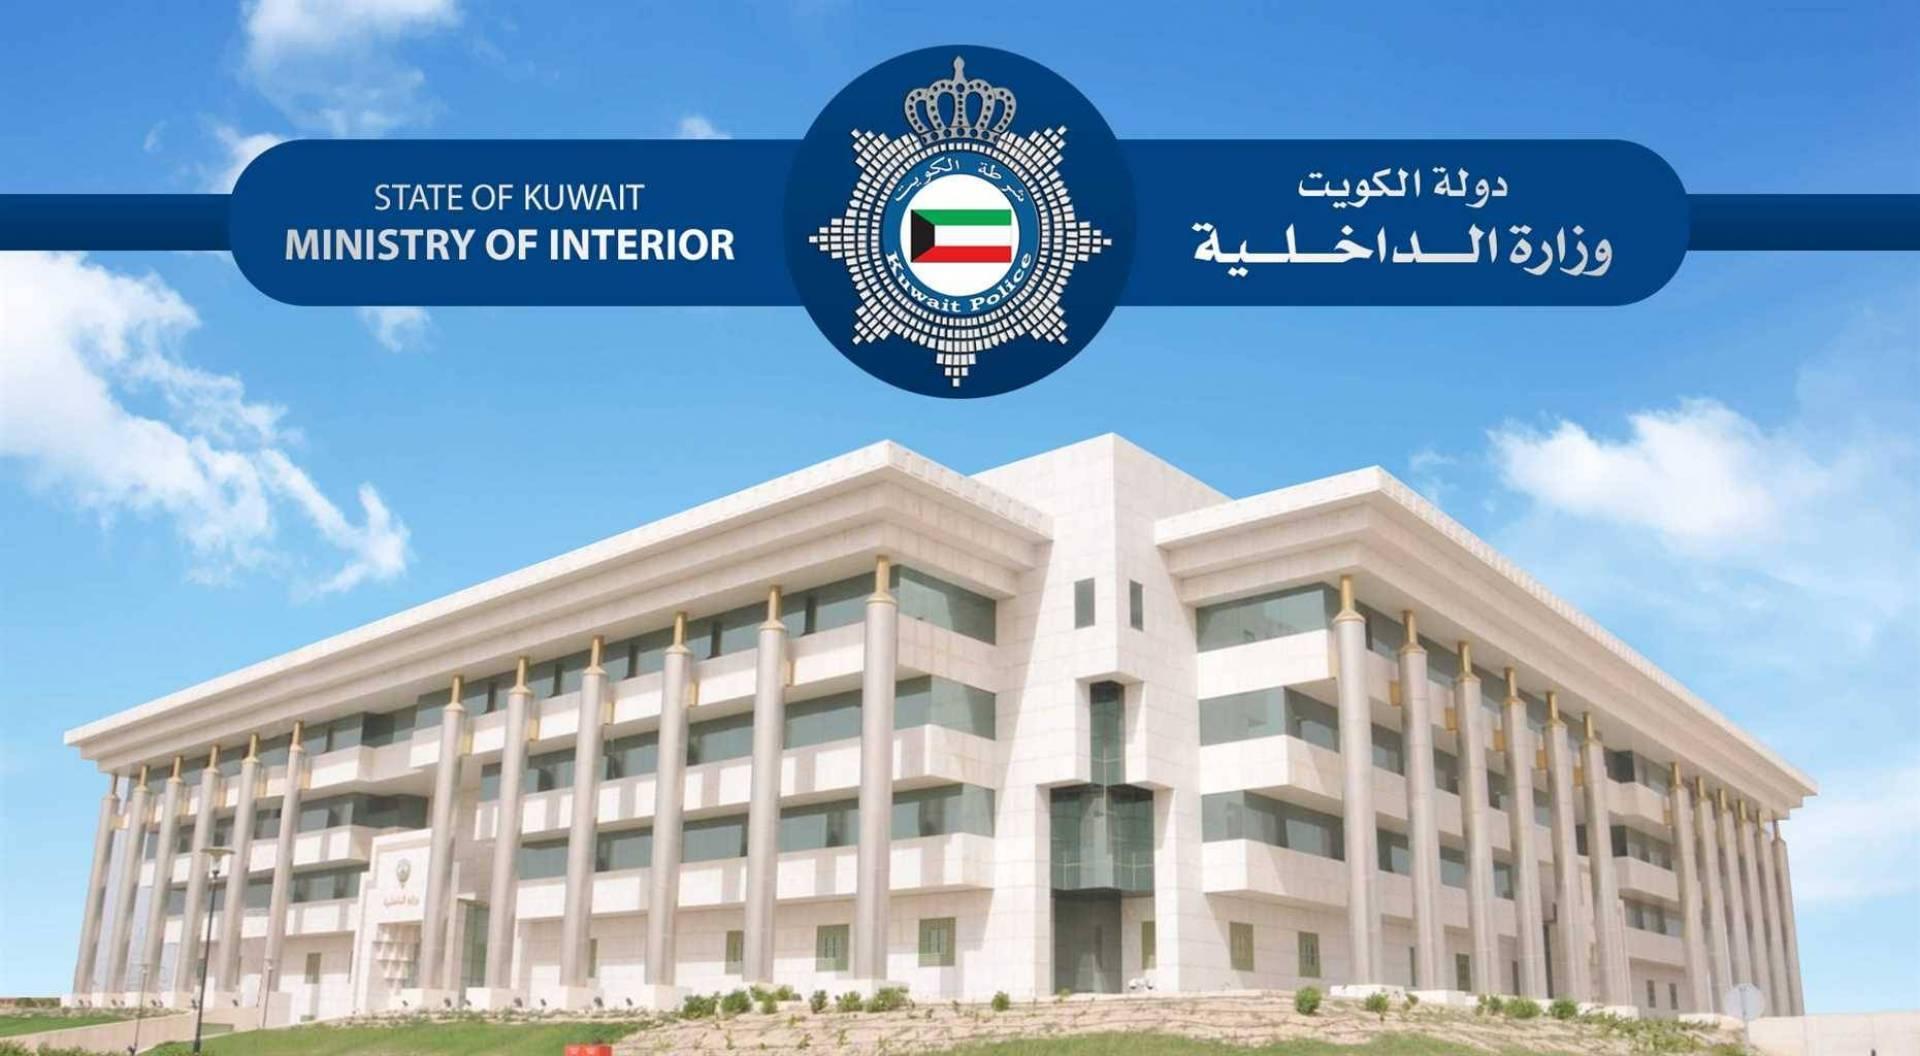 الإعلام الأمني: تسجيل قضية «كسر حظر تجول» و«سوء استعمال هاتف» لمقيم تشاجر مع عسكري